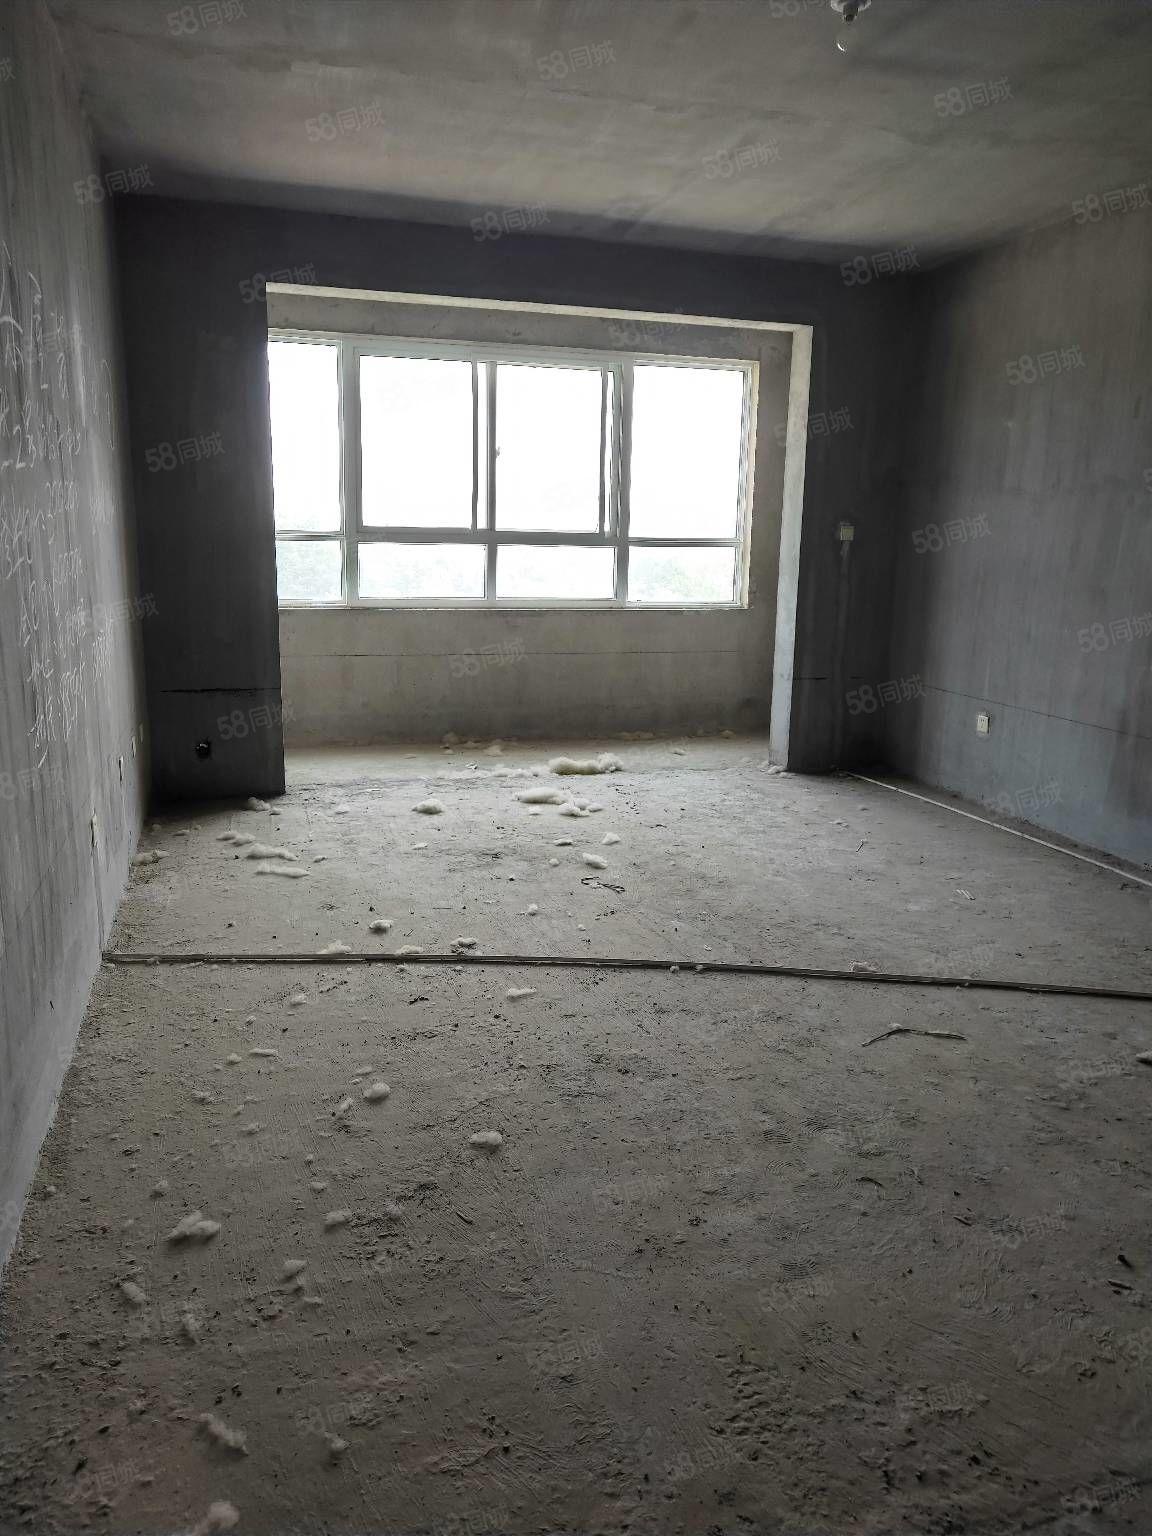 長城華庭電梯2樓三室兩廳兩衛毛坯138平70萬有證可以分期